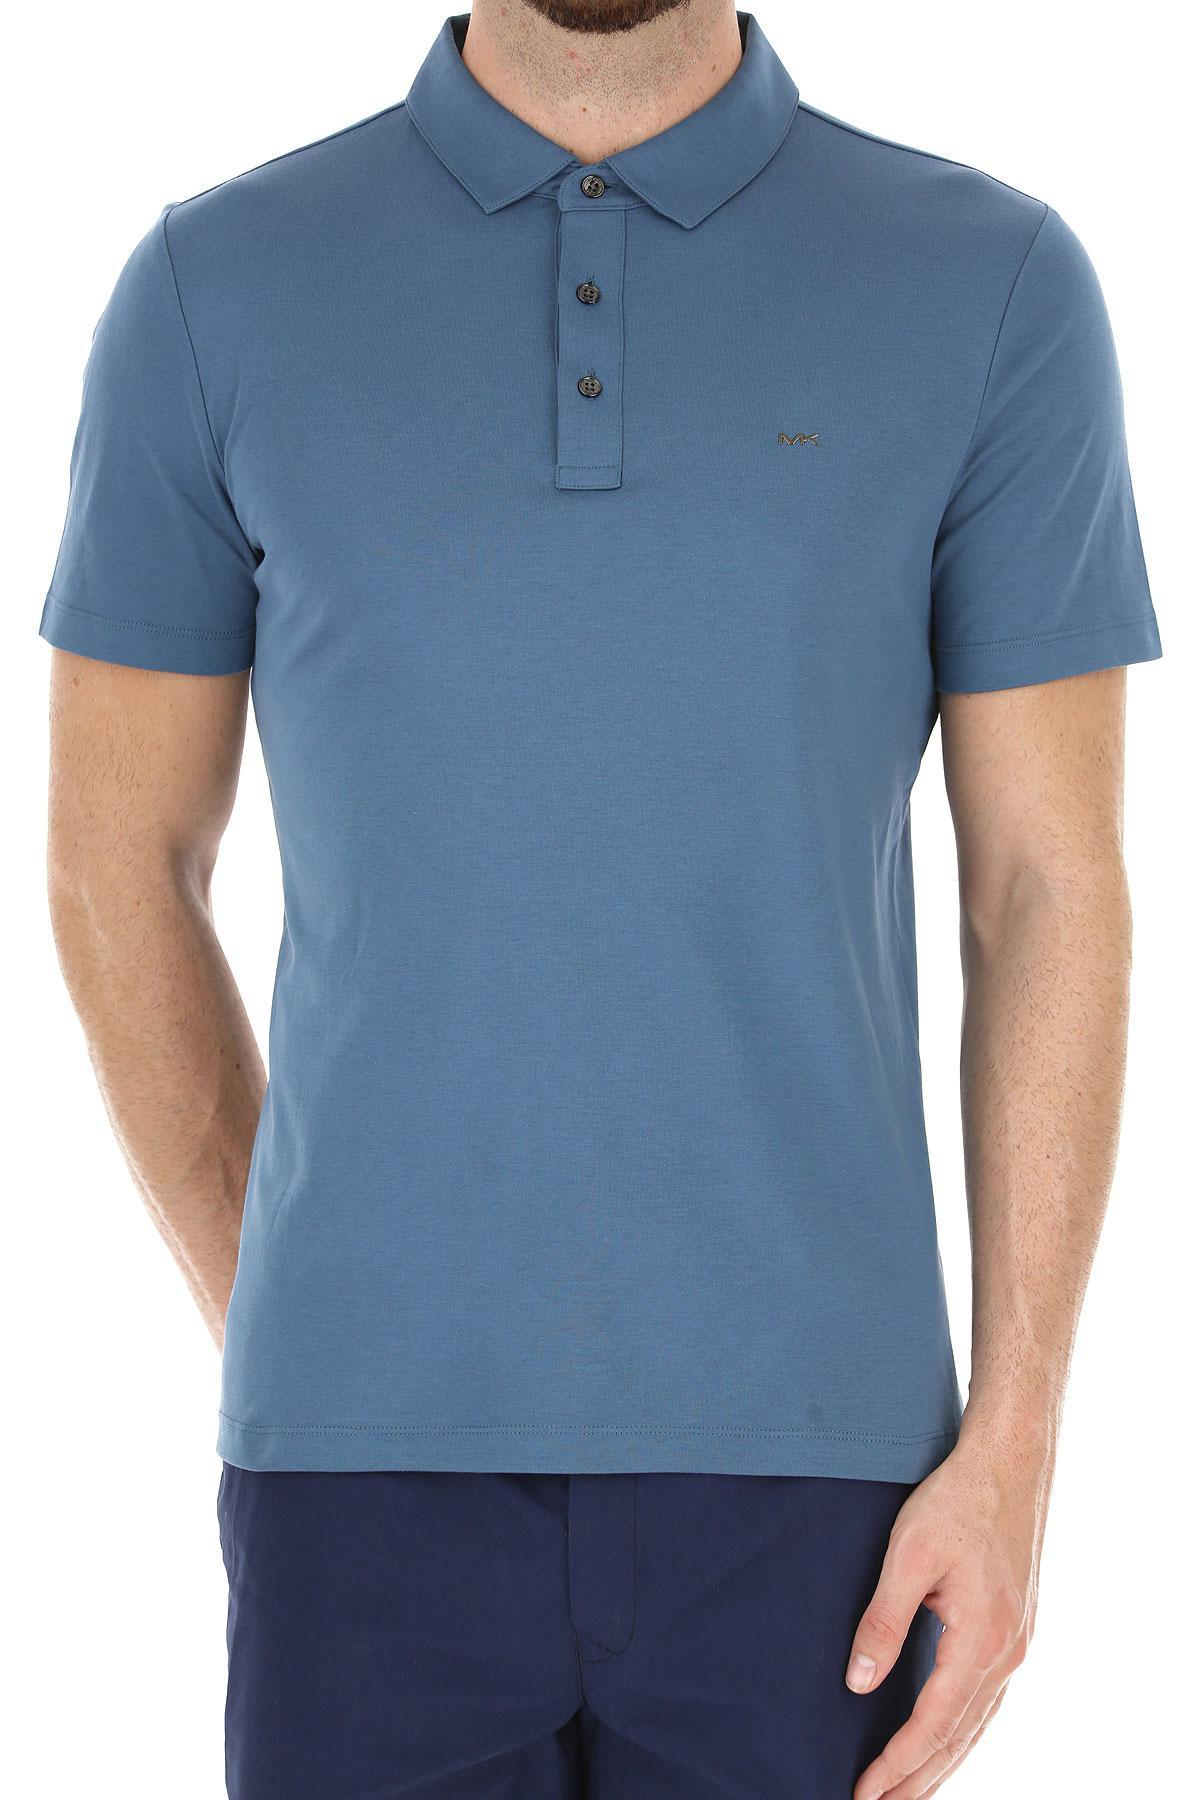 ab960c953 Lyst - Michael Kors Clothing For Men in Blue for Men